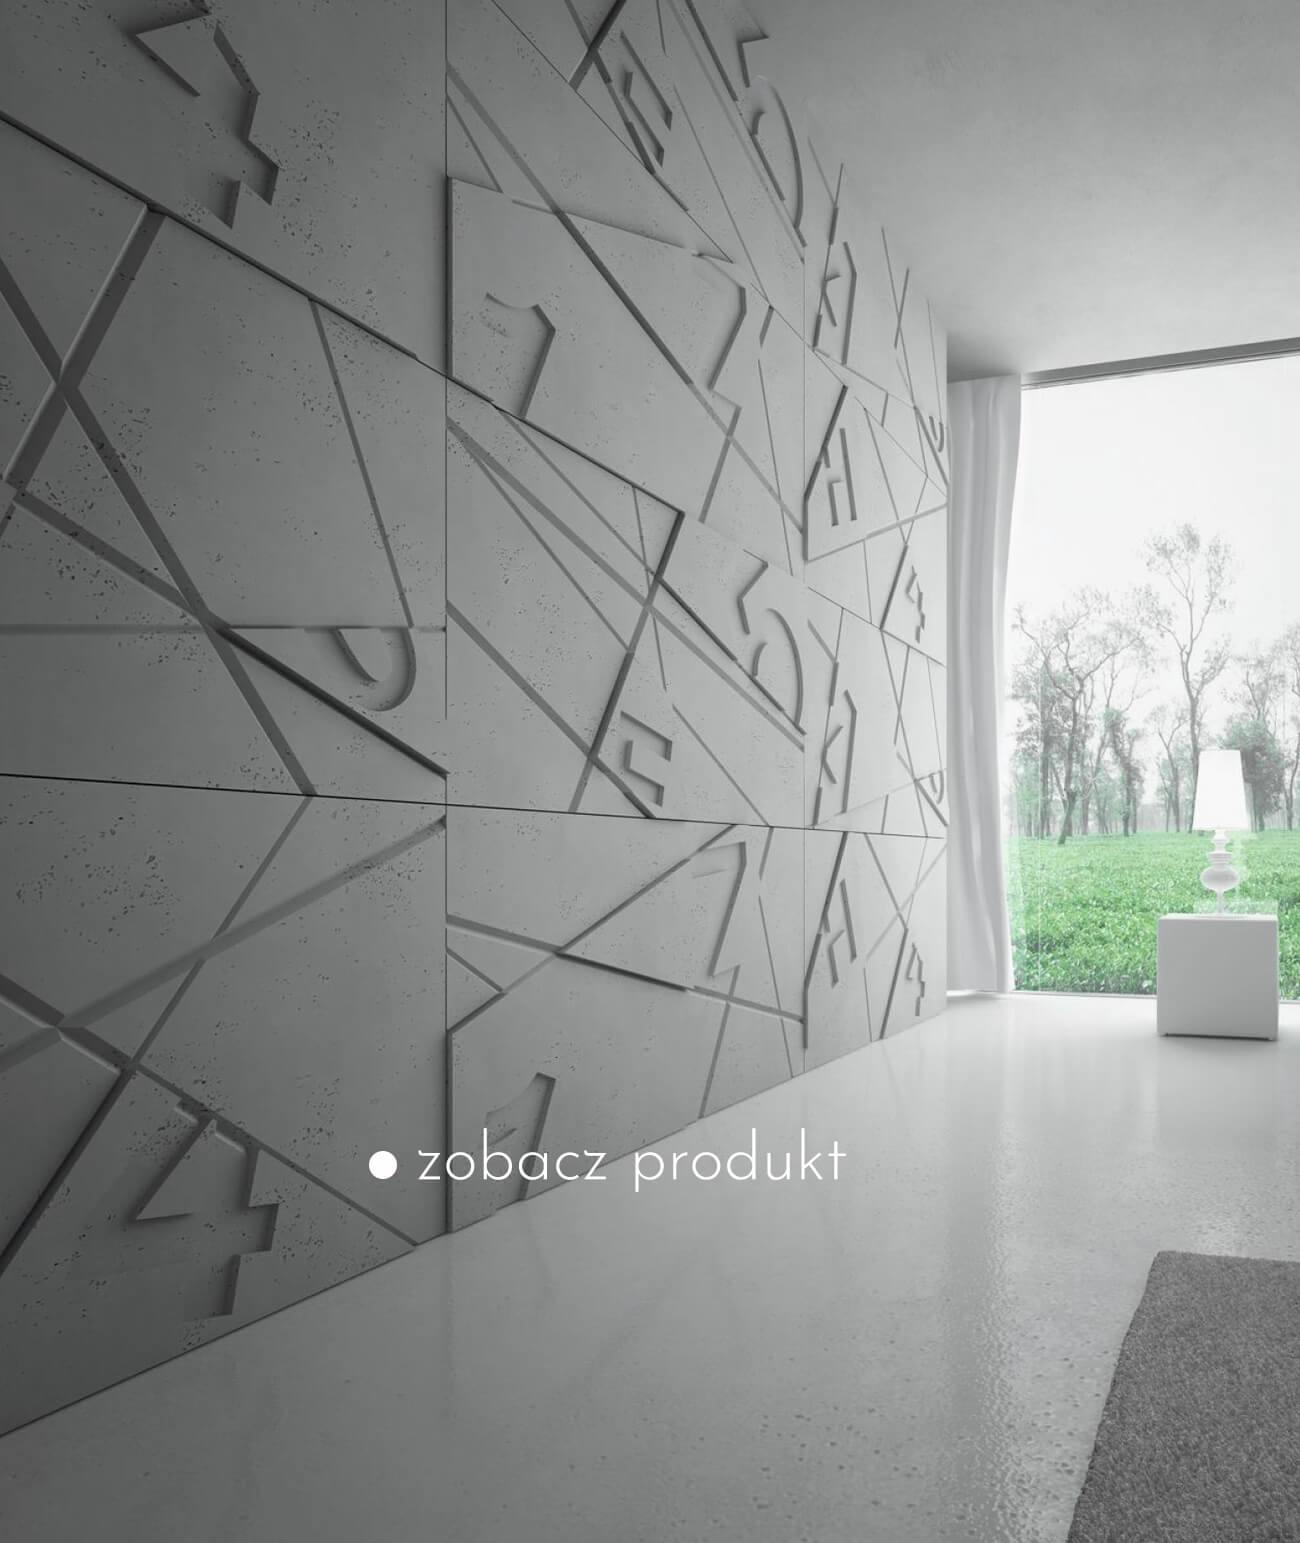 panele-betonowe-3d-scienne-i-elewacyjne-beton-architektoniczny_472-2497-pb14-s96-ciemny-szary-graf---panel-dekor-3d-beton-architektoniczny-panel-scienny